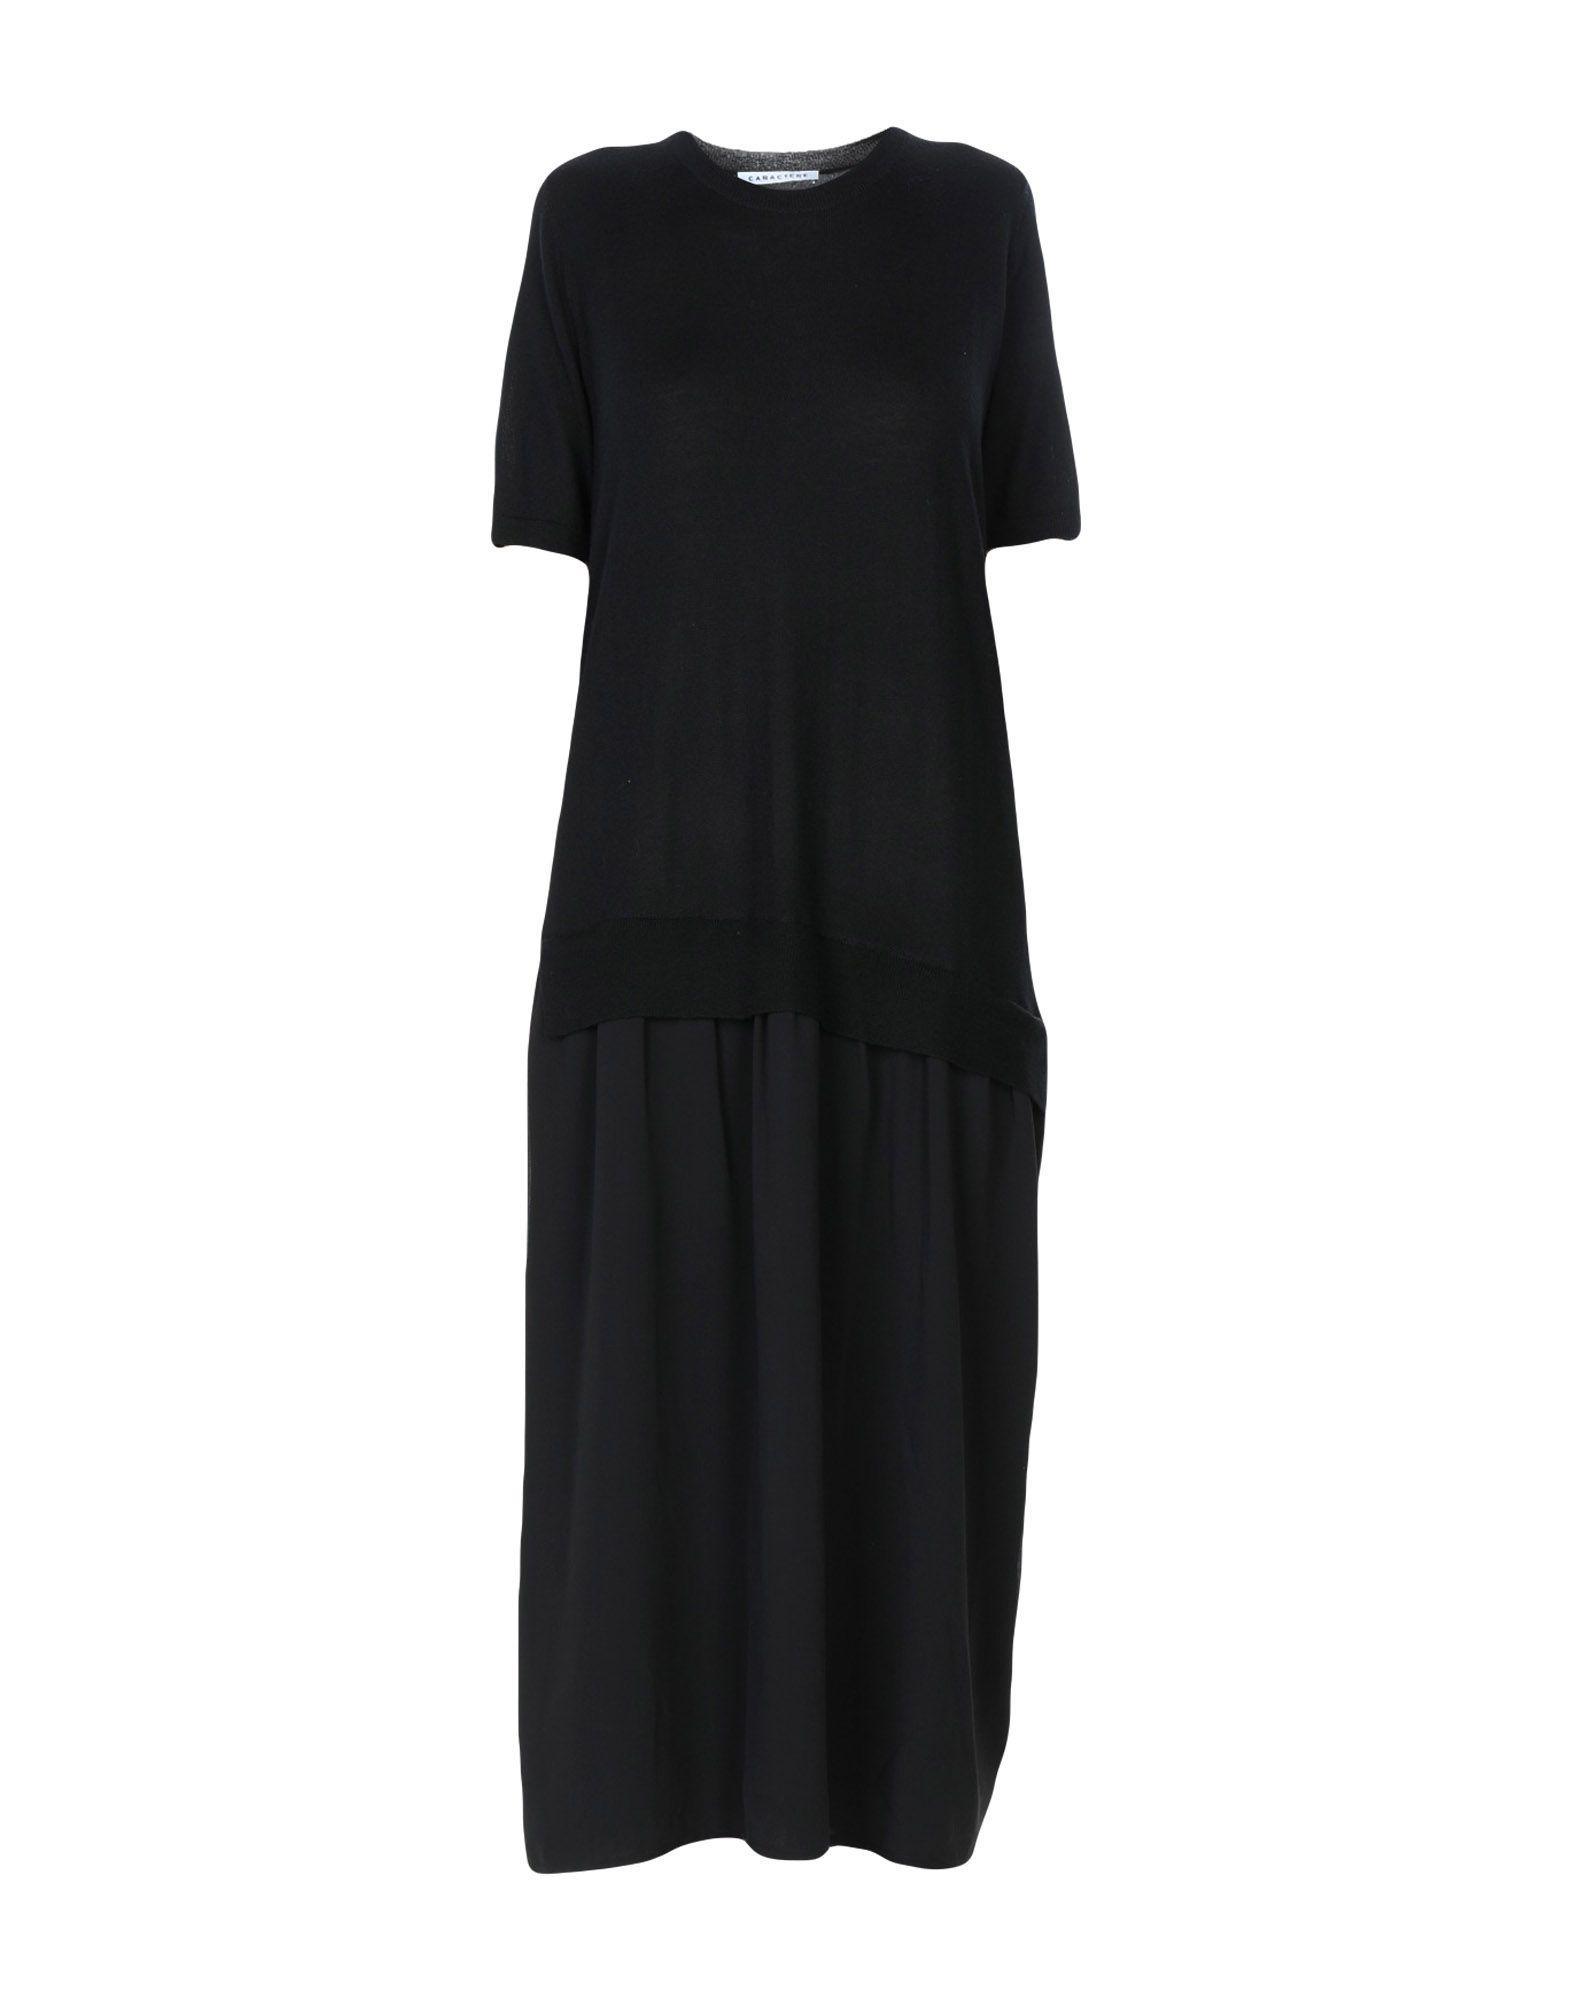 DRESSES - 3/4 length dresses Caractere AvFo4zw03